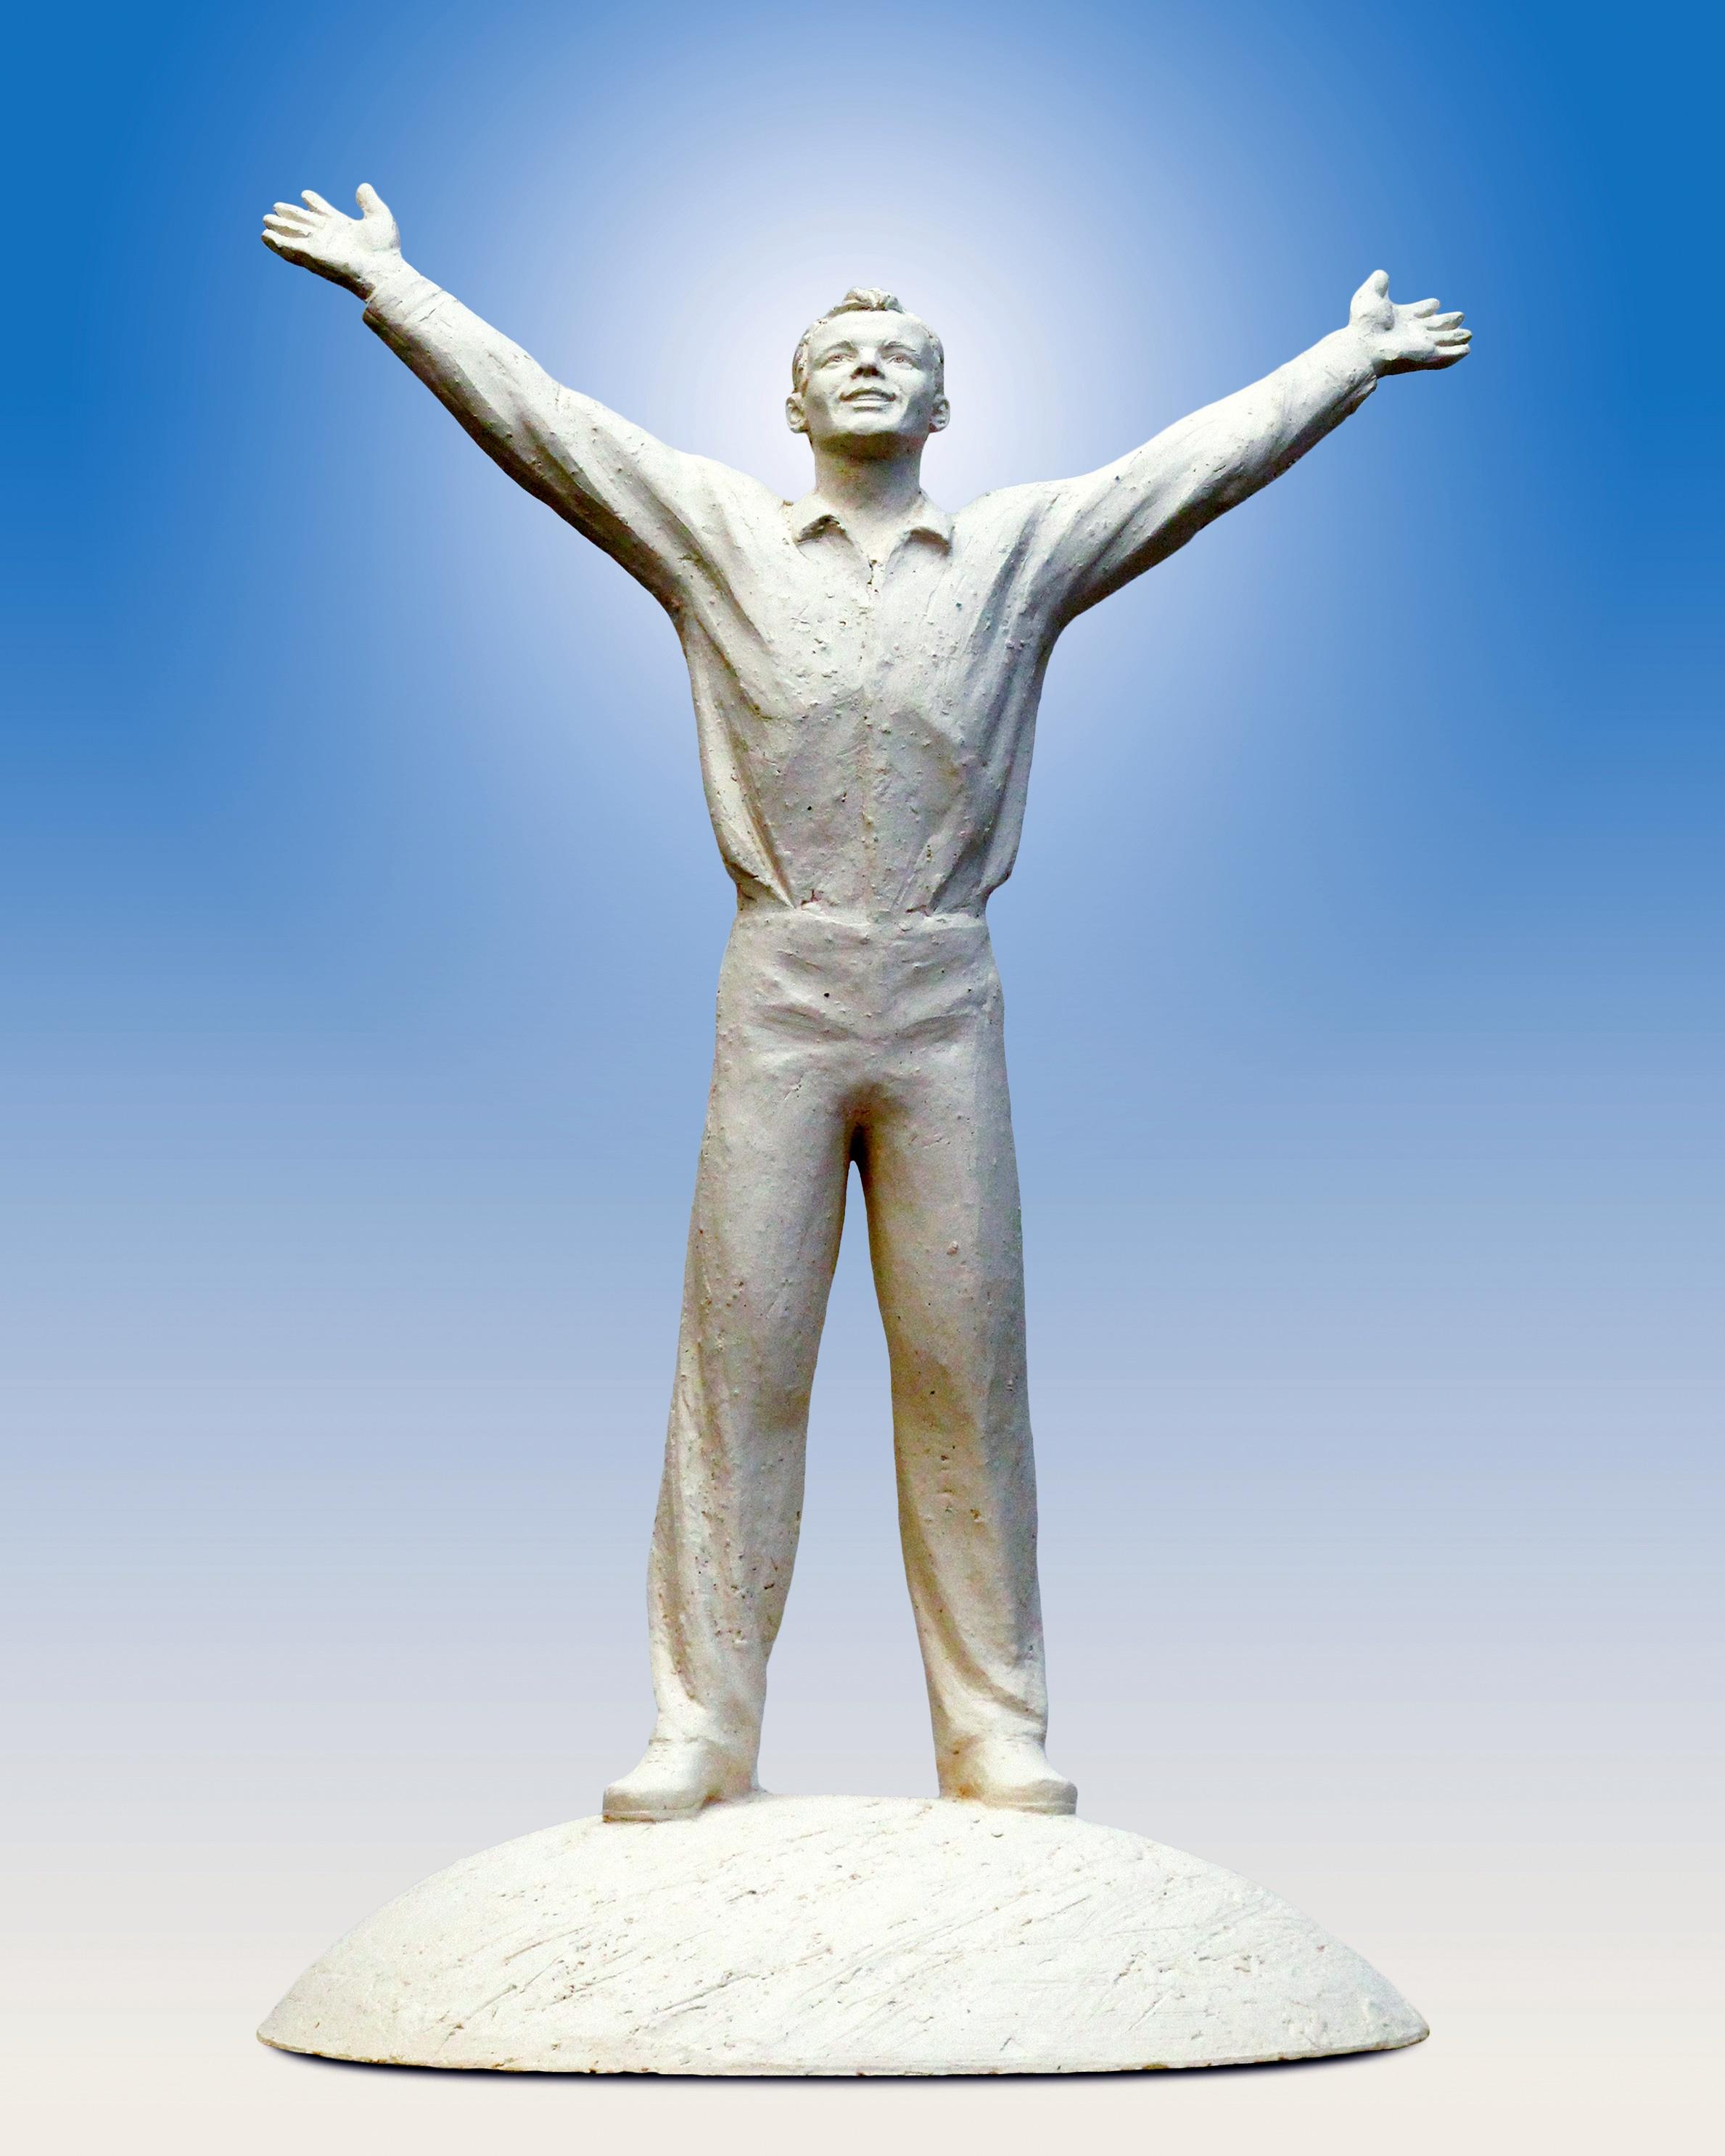 Юрій Гагарін. Проект пам'ятника. 2010 - img 20190309 161624 688